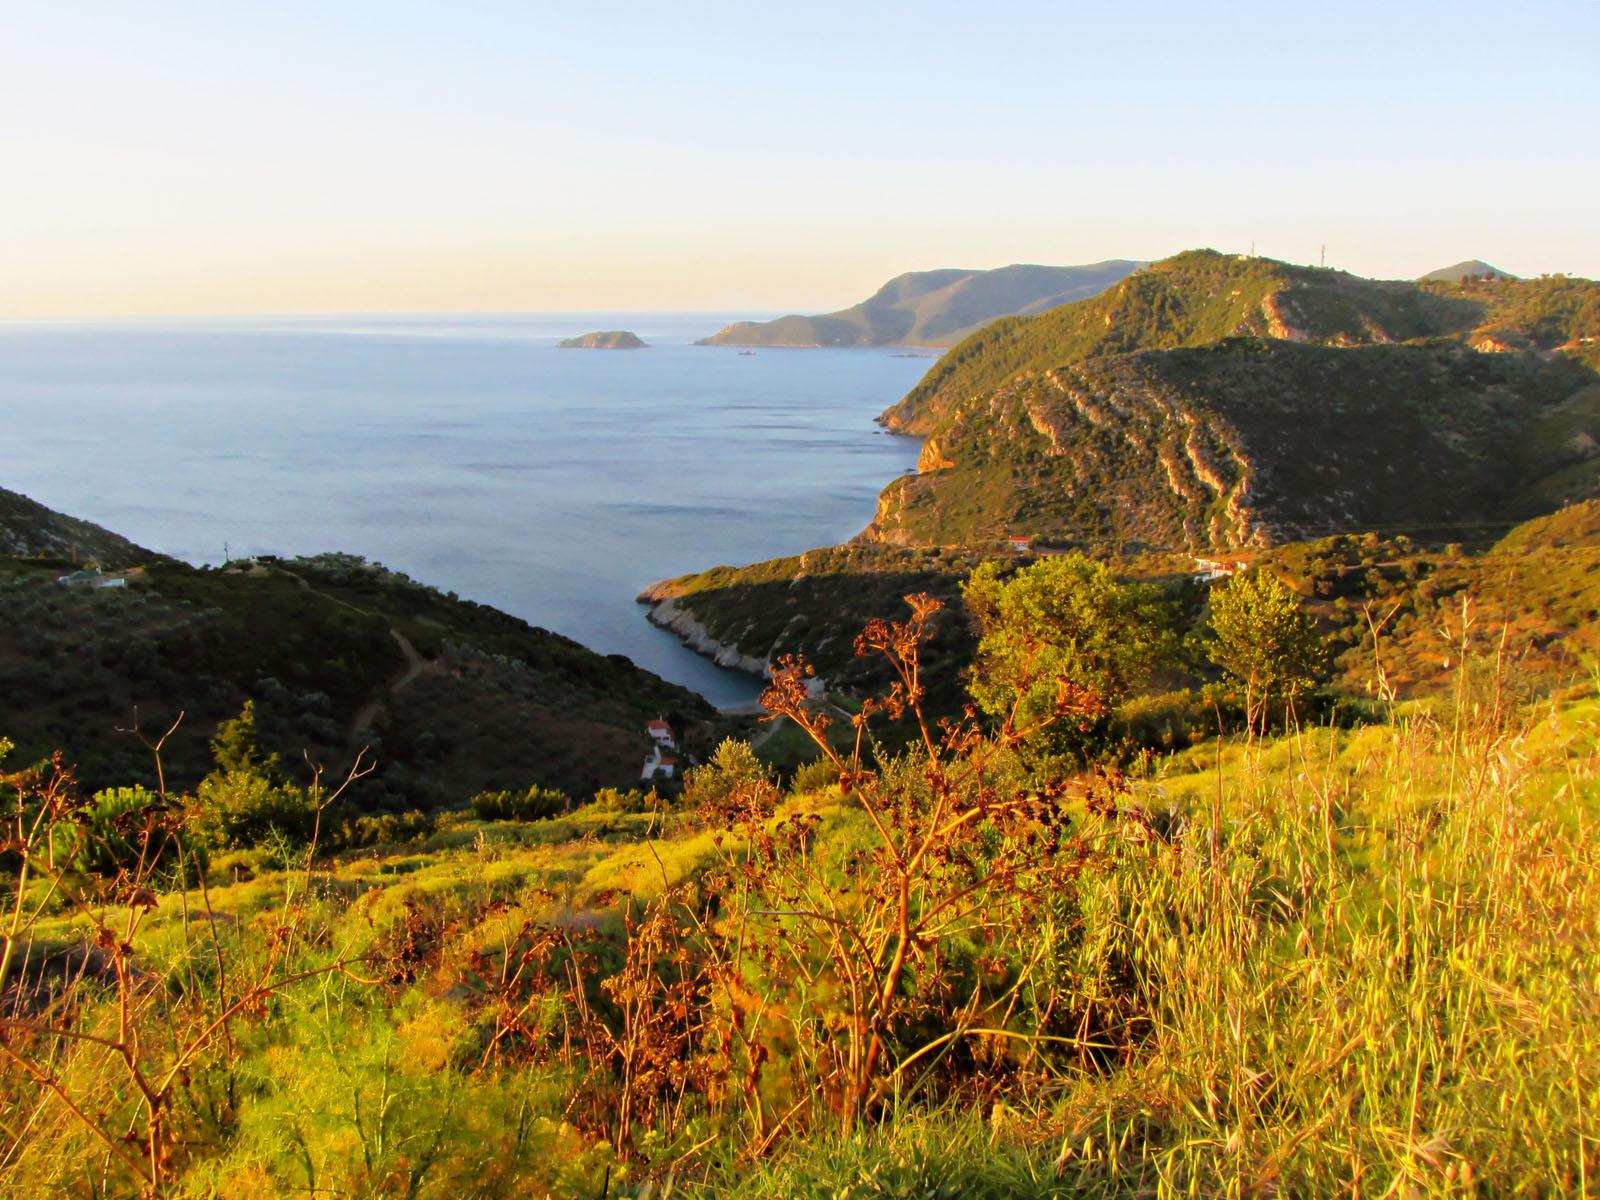 Ποιο είναι το νησί του Αιγαίου με τα πευκόφυτα δάση, τις ειδυλλιακές παραλίες και την απόλυτη ηρεμία; (photos)